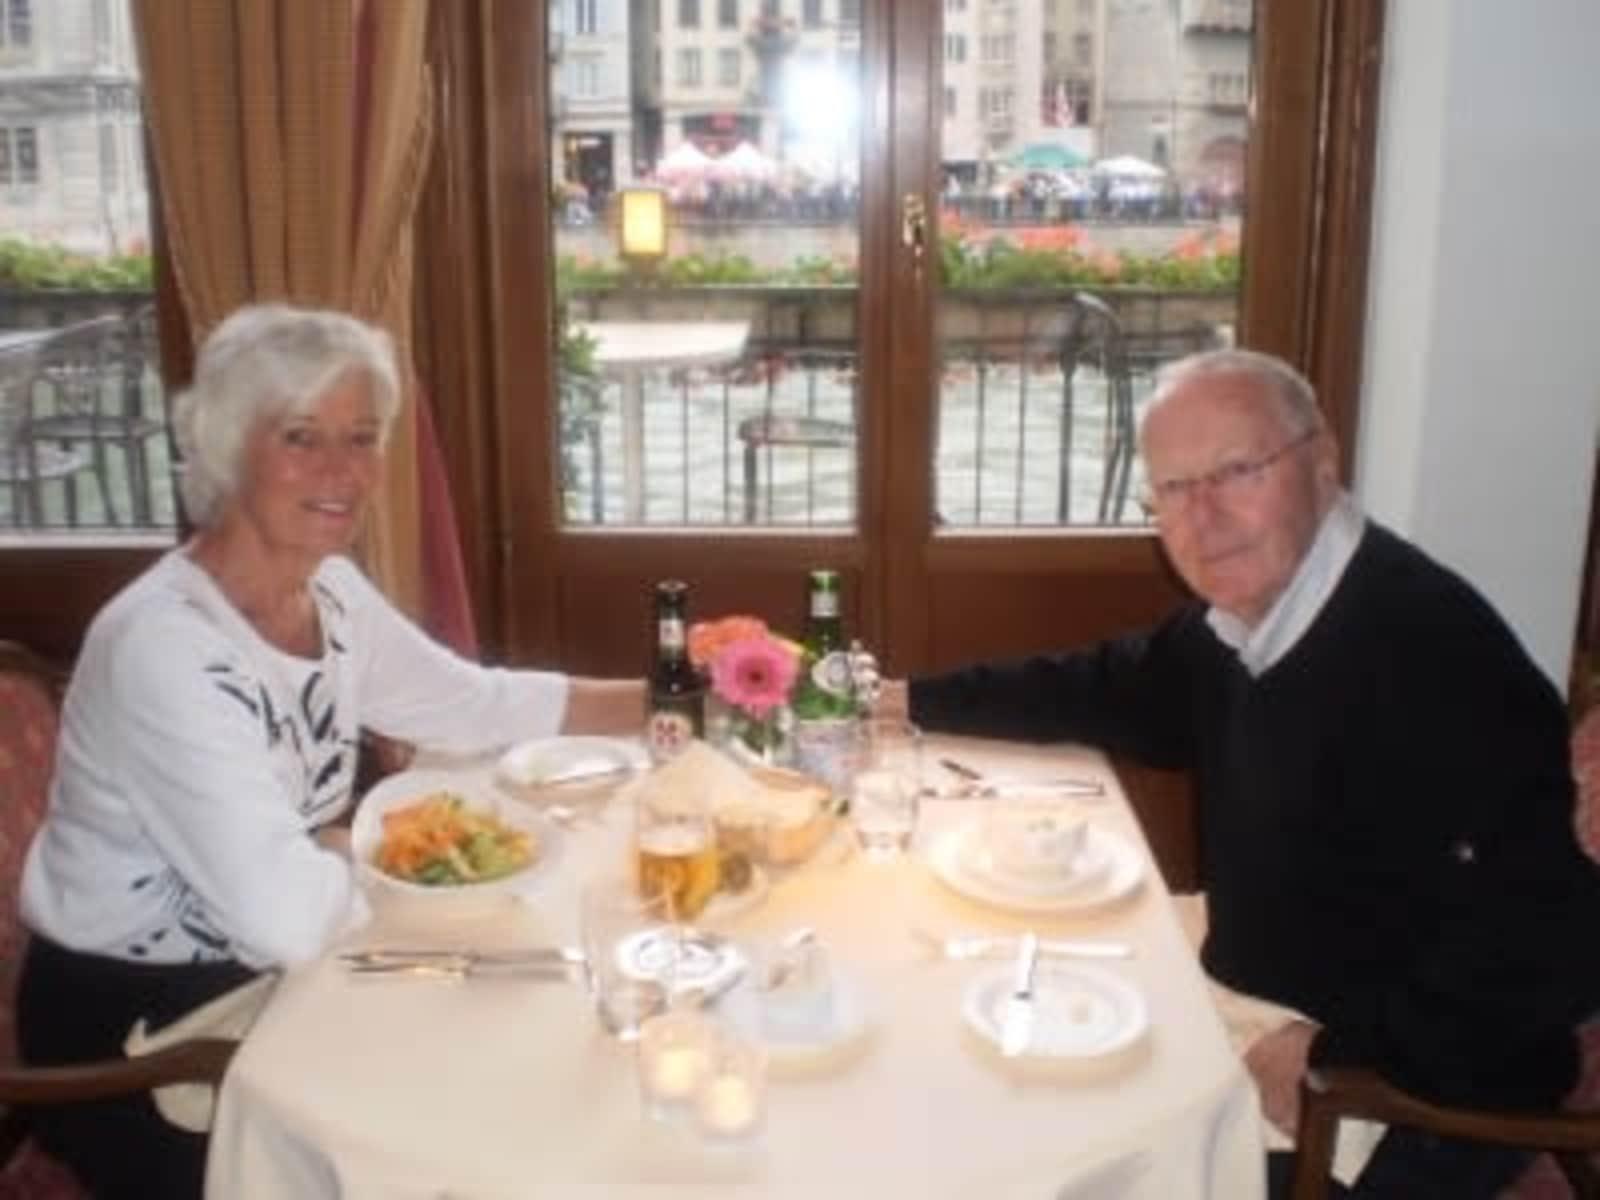 Barbara & John from Toronto, Ontario, Canada